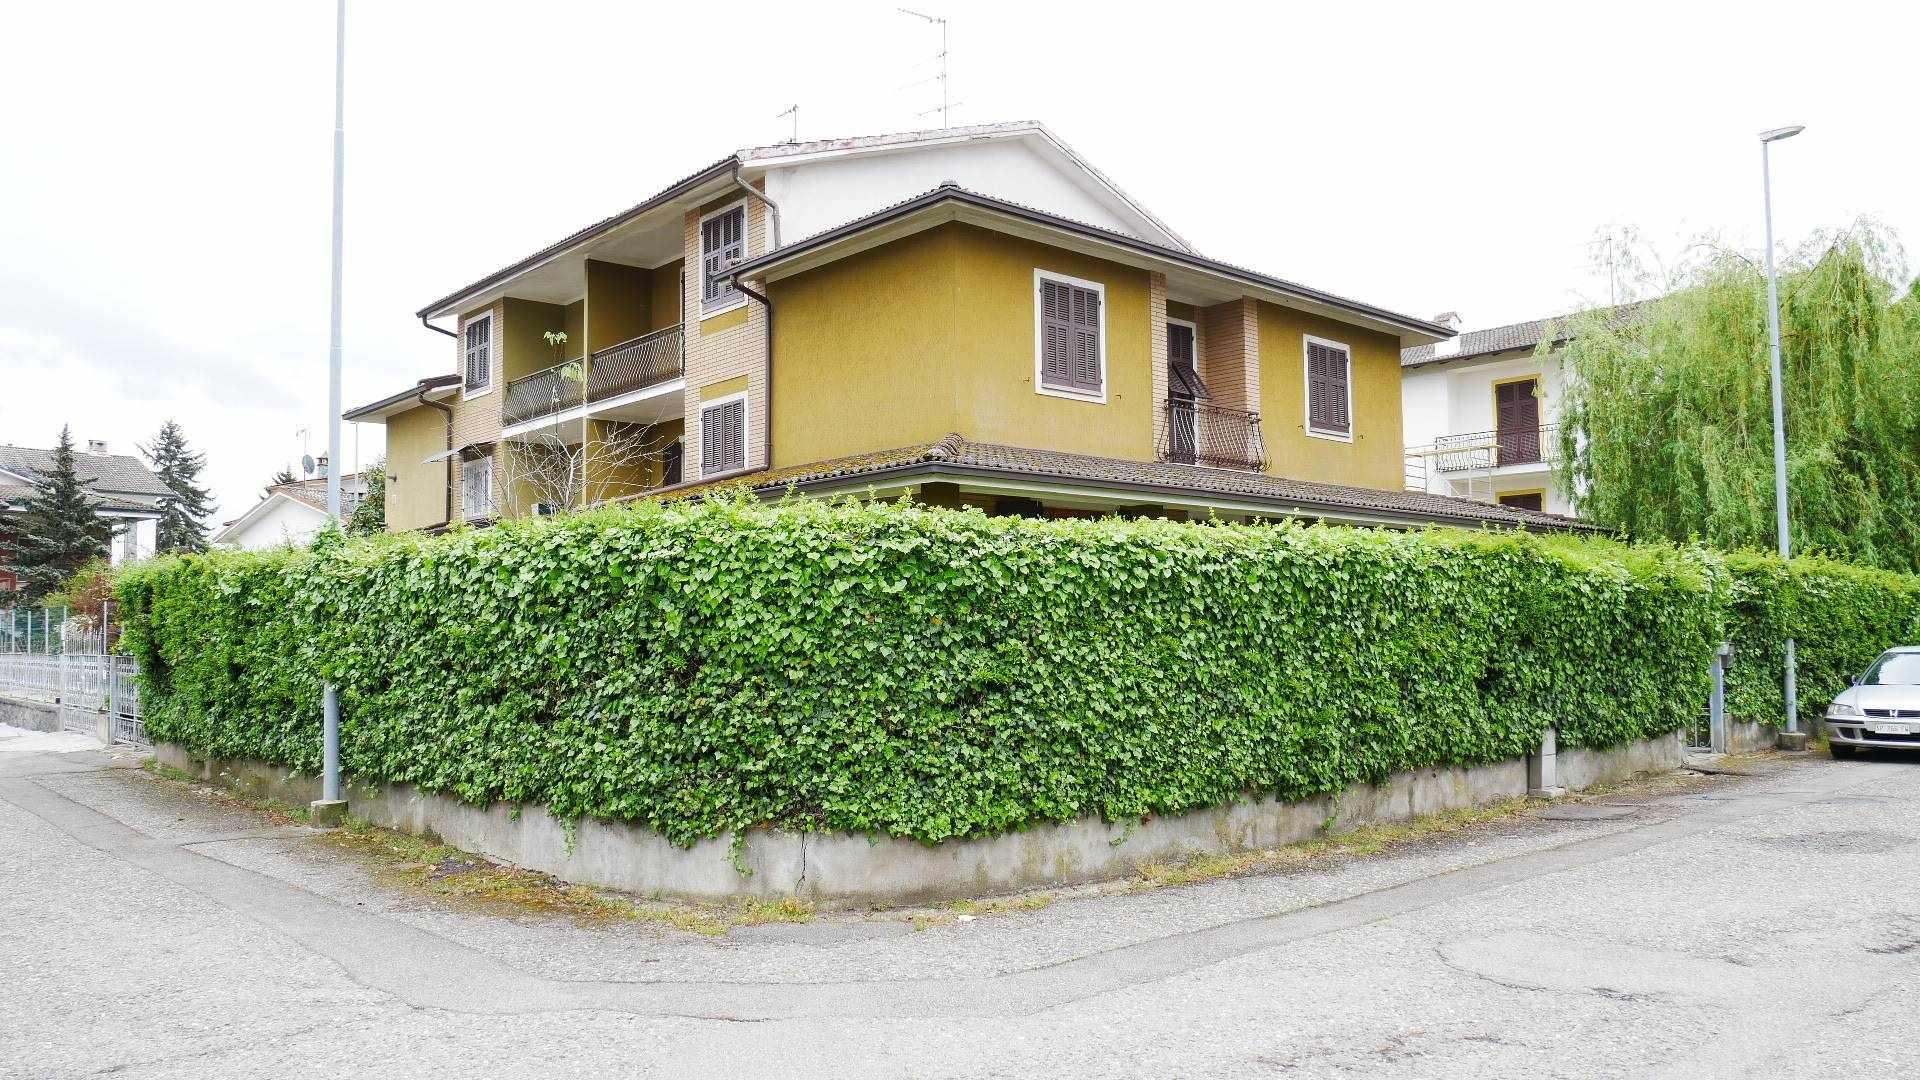 Villa in vendita a Pozzolo Formigaro, 8 locali, prezzo € 259.000 | CambioCasa.it